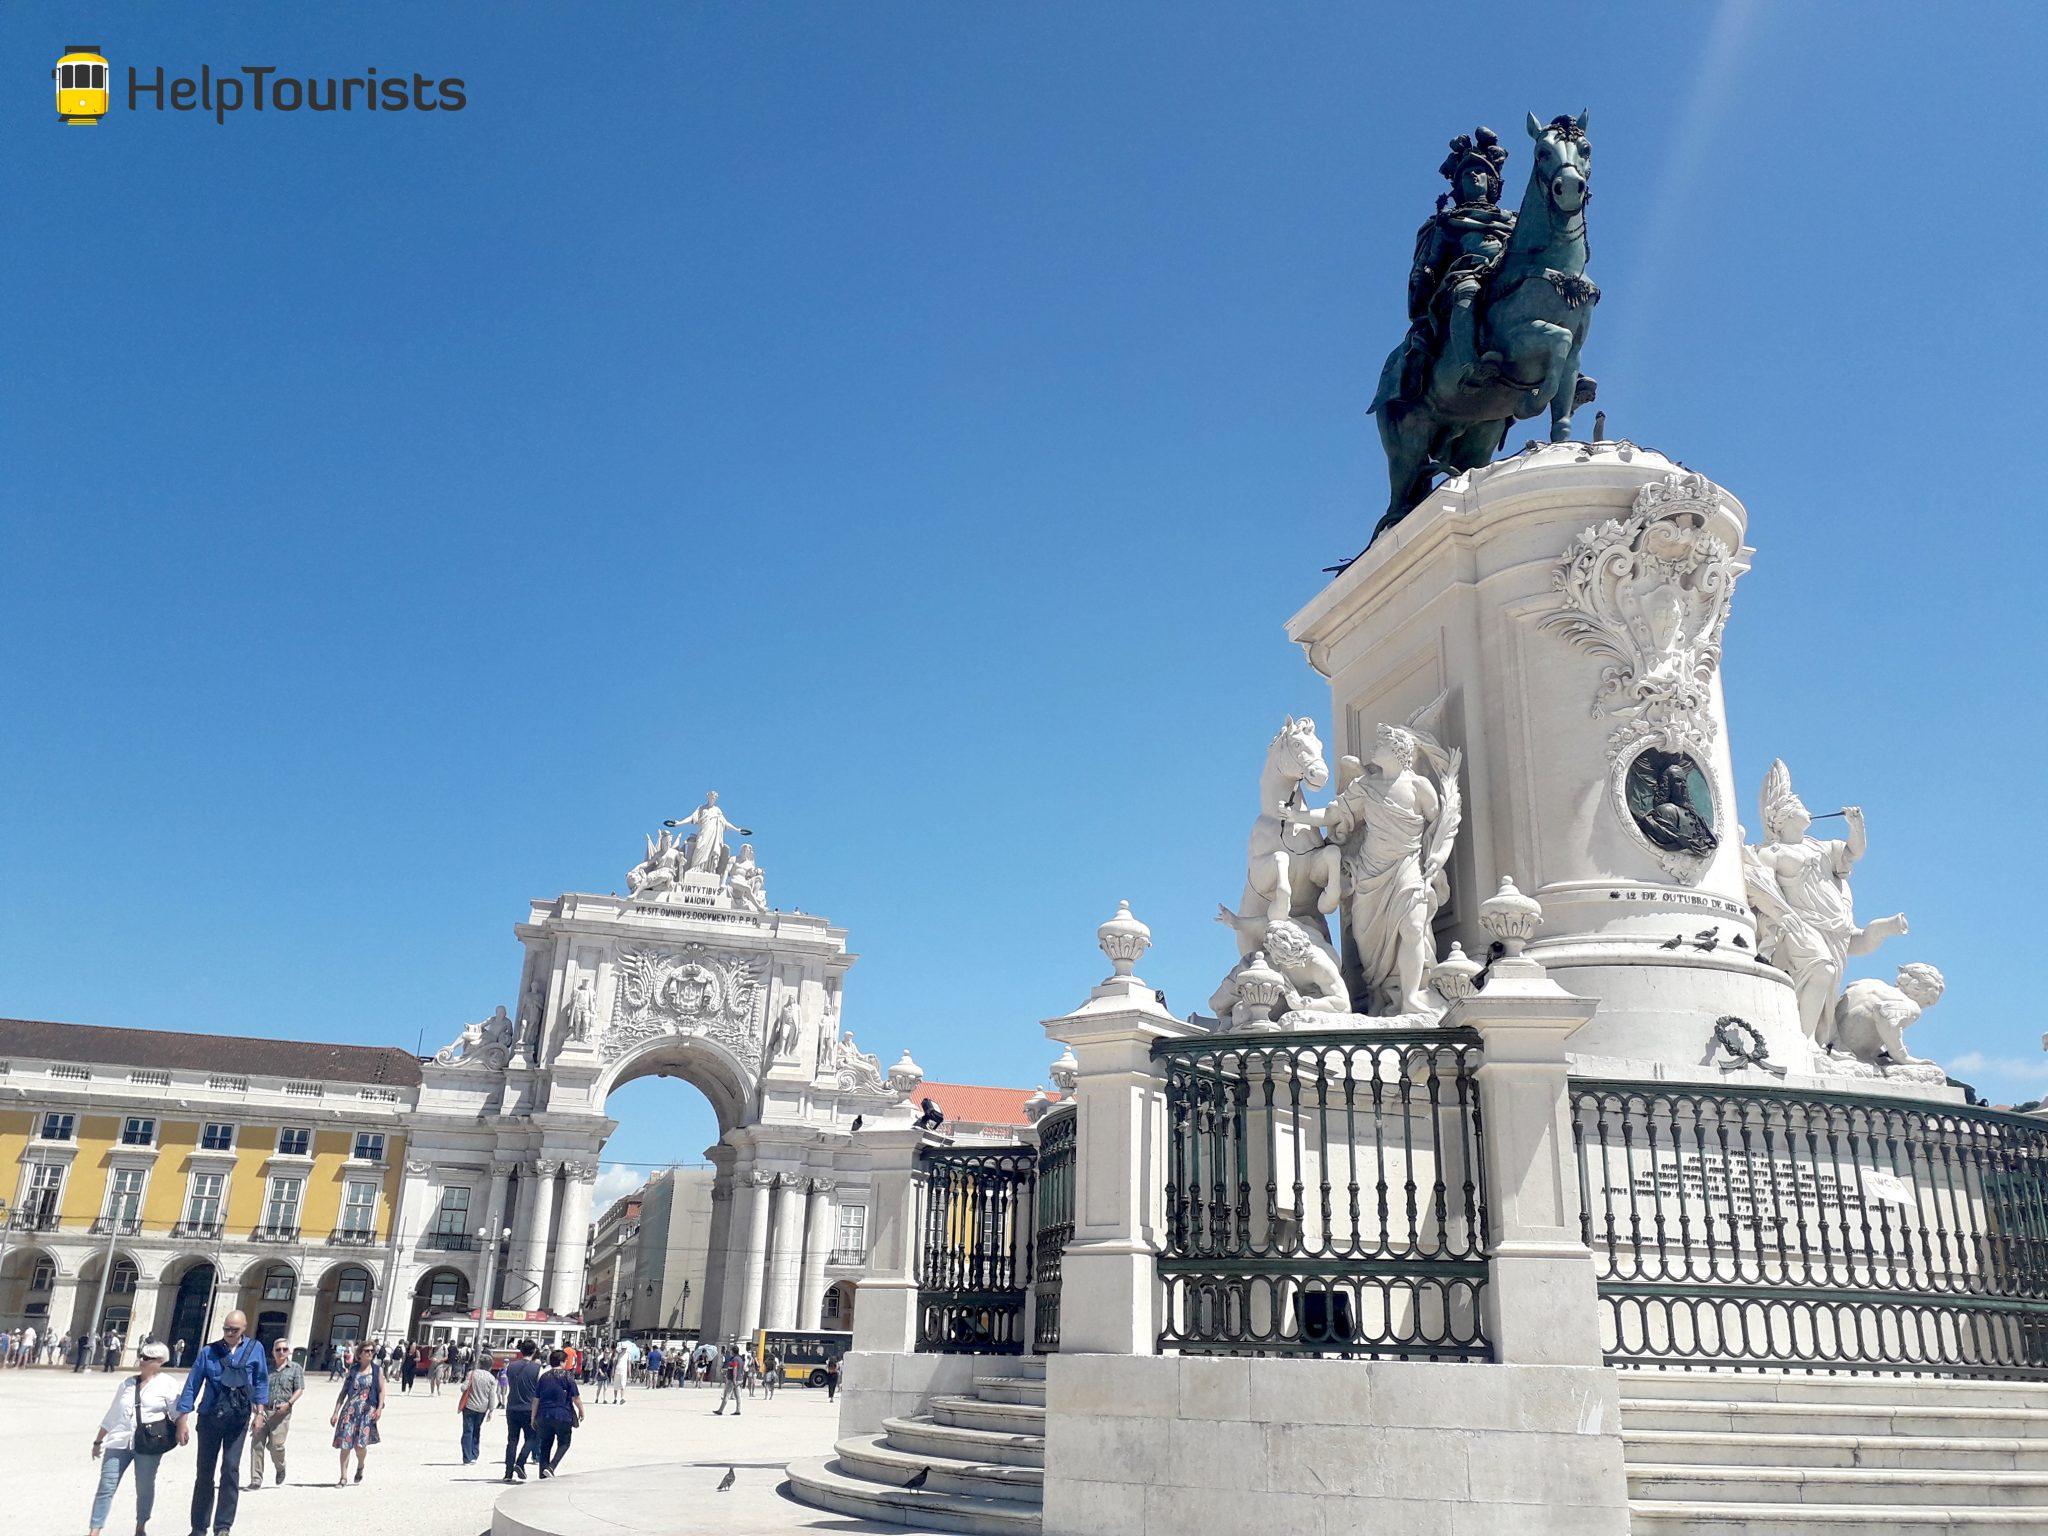 Lissabon Handelsplatz Statue